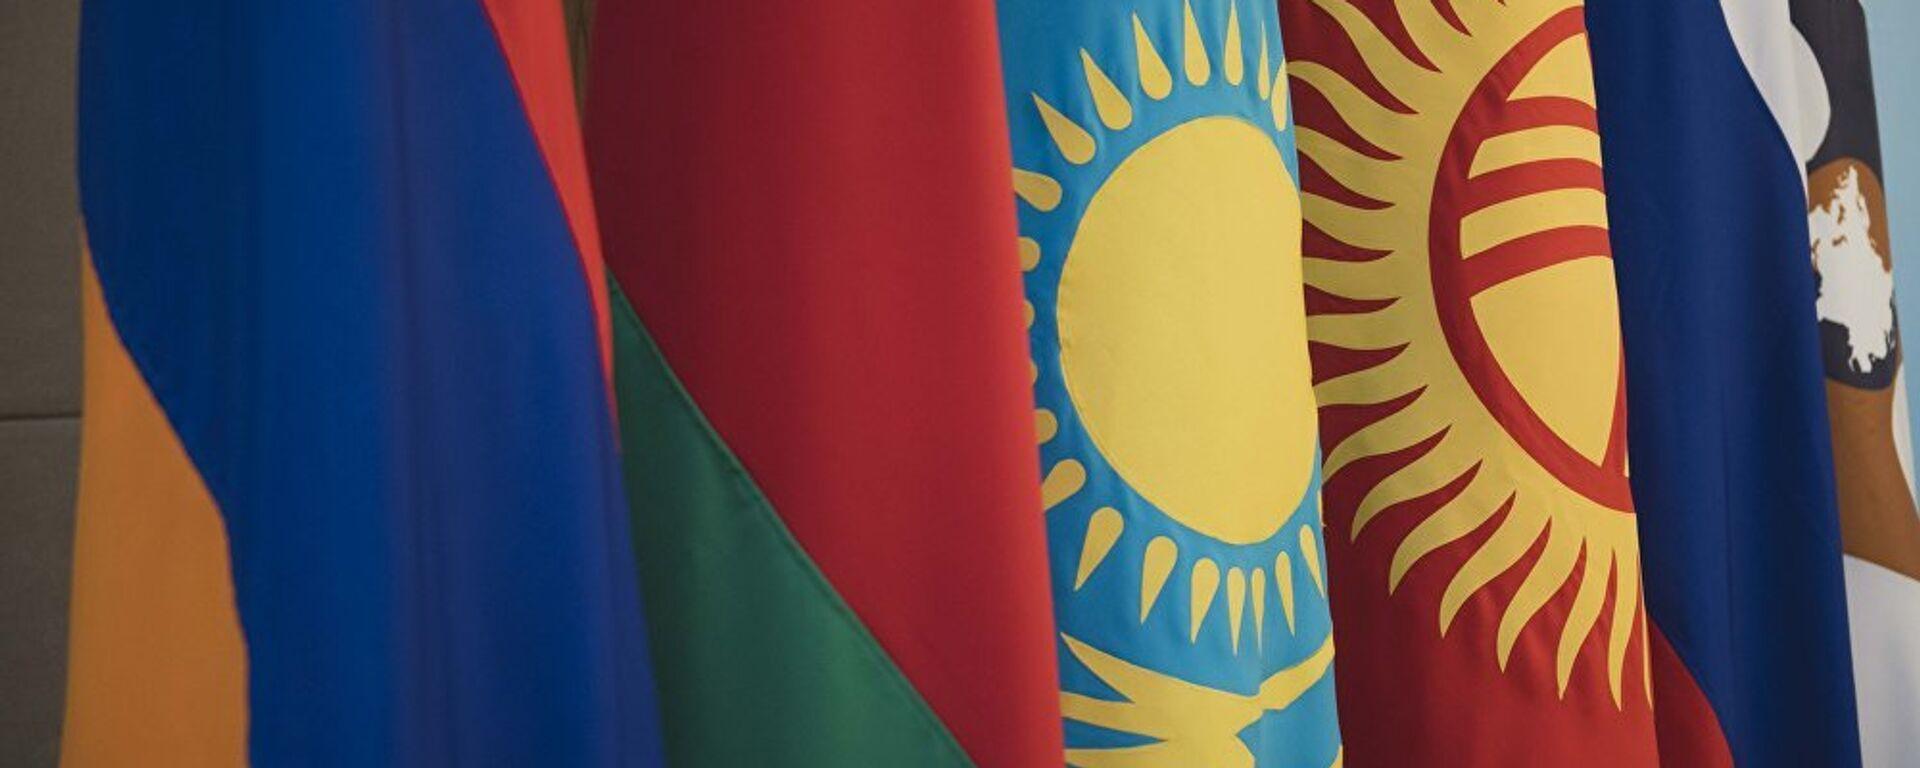 Флаги стран ЕАЭС, архивное фото - Sputnik Таджикистан, 1920, 07.04.2021